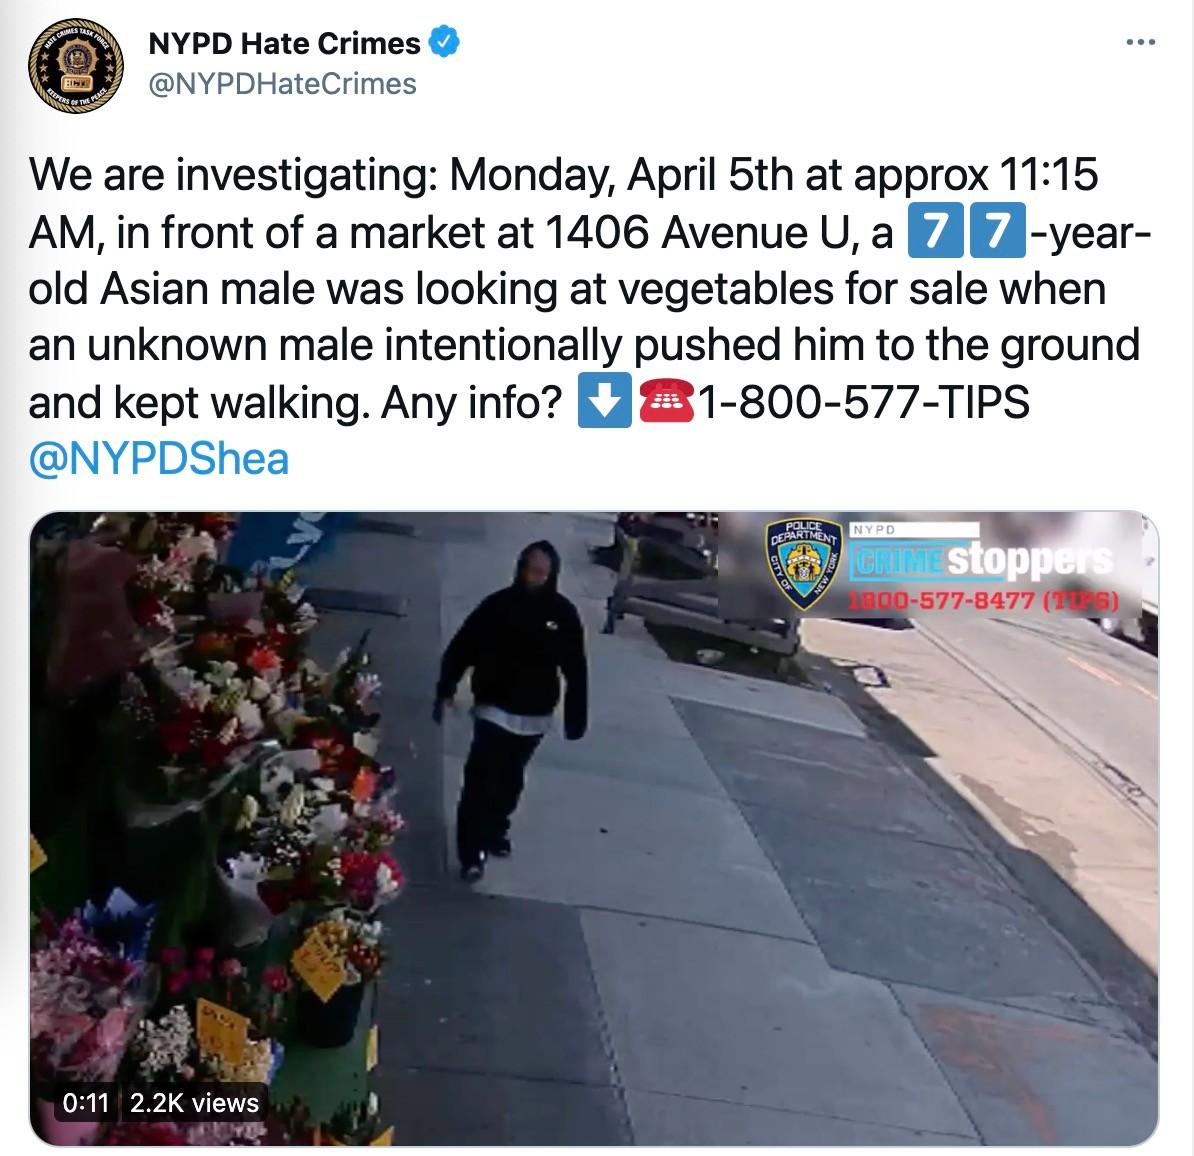 纽约布鲁克林77岁亚裔老人被无辜推倒 疑似又一起亚裔仇恨犯罪_图1-4